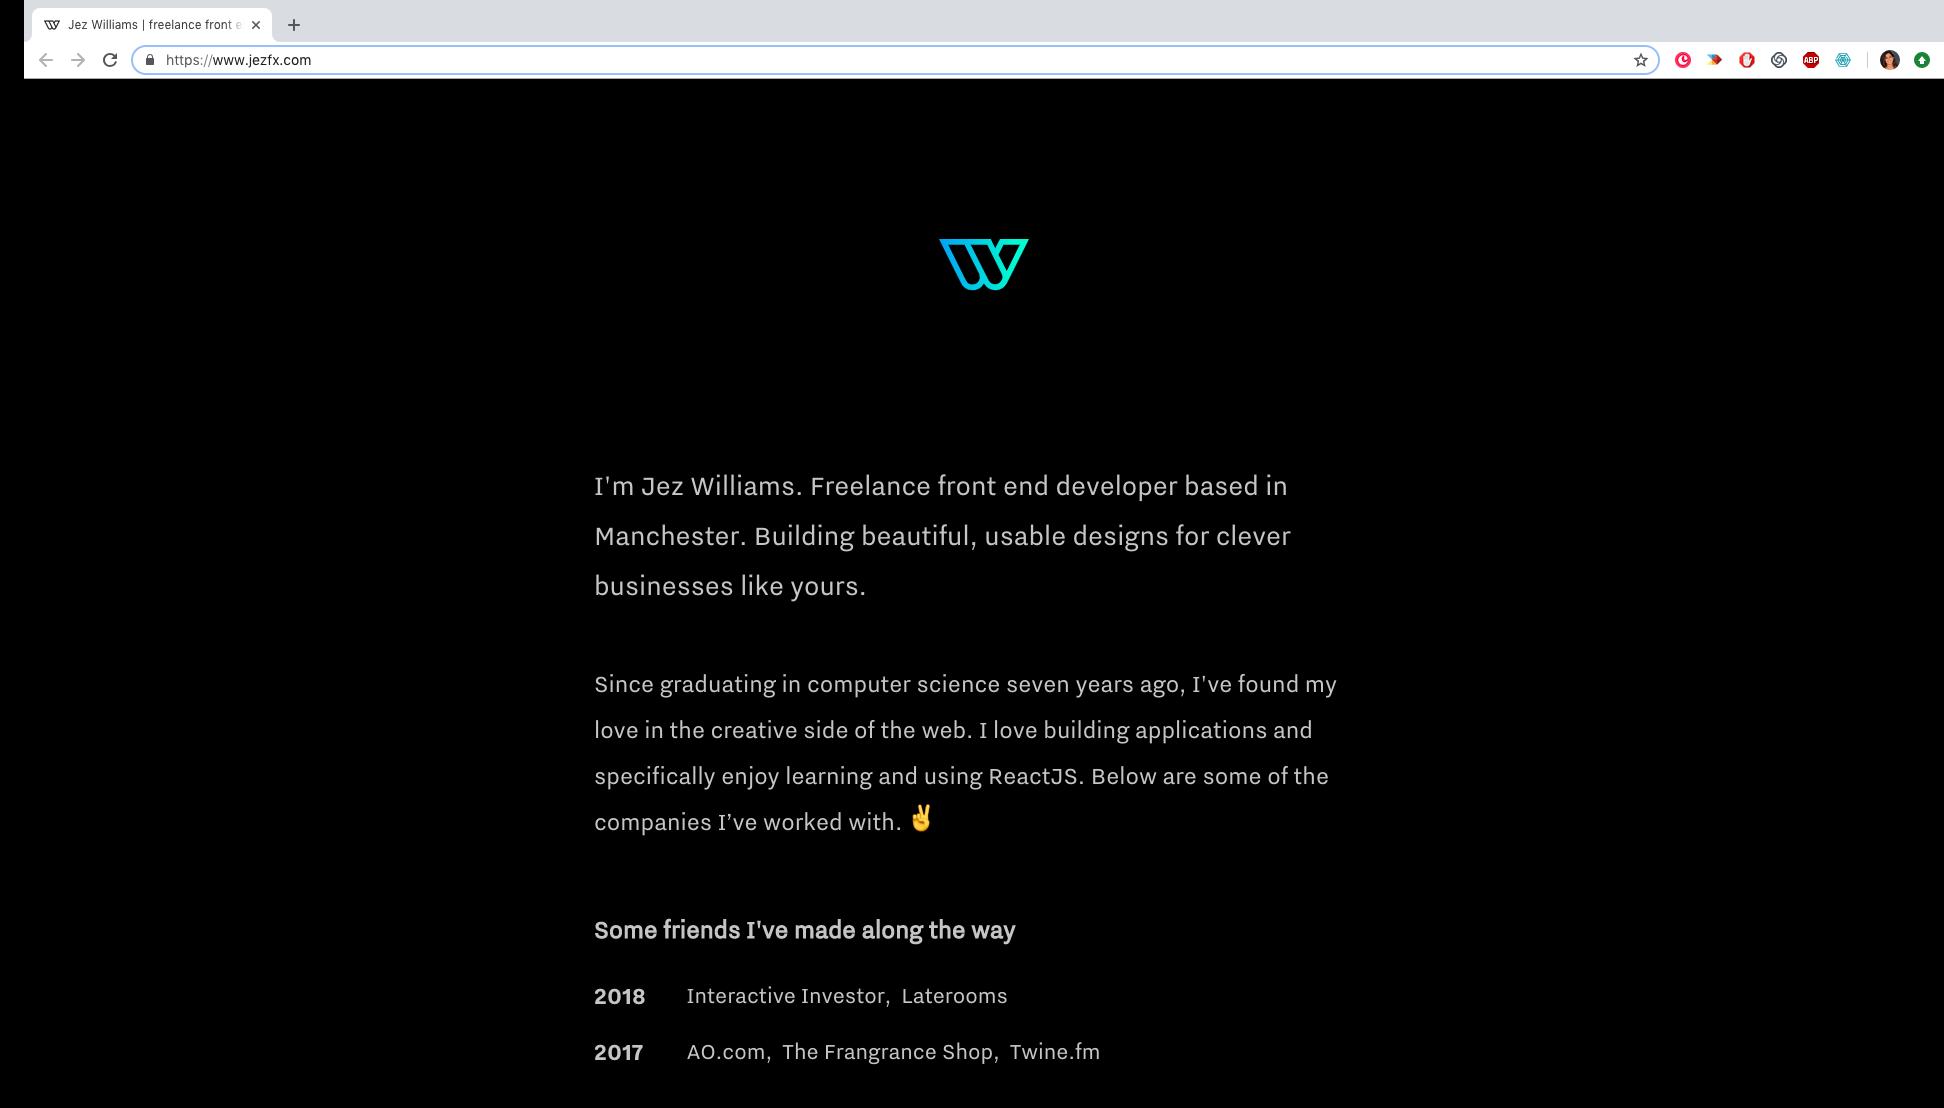 Find a freelancer to build your website with Prismic - Prismic